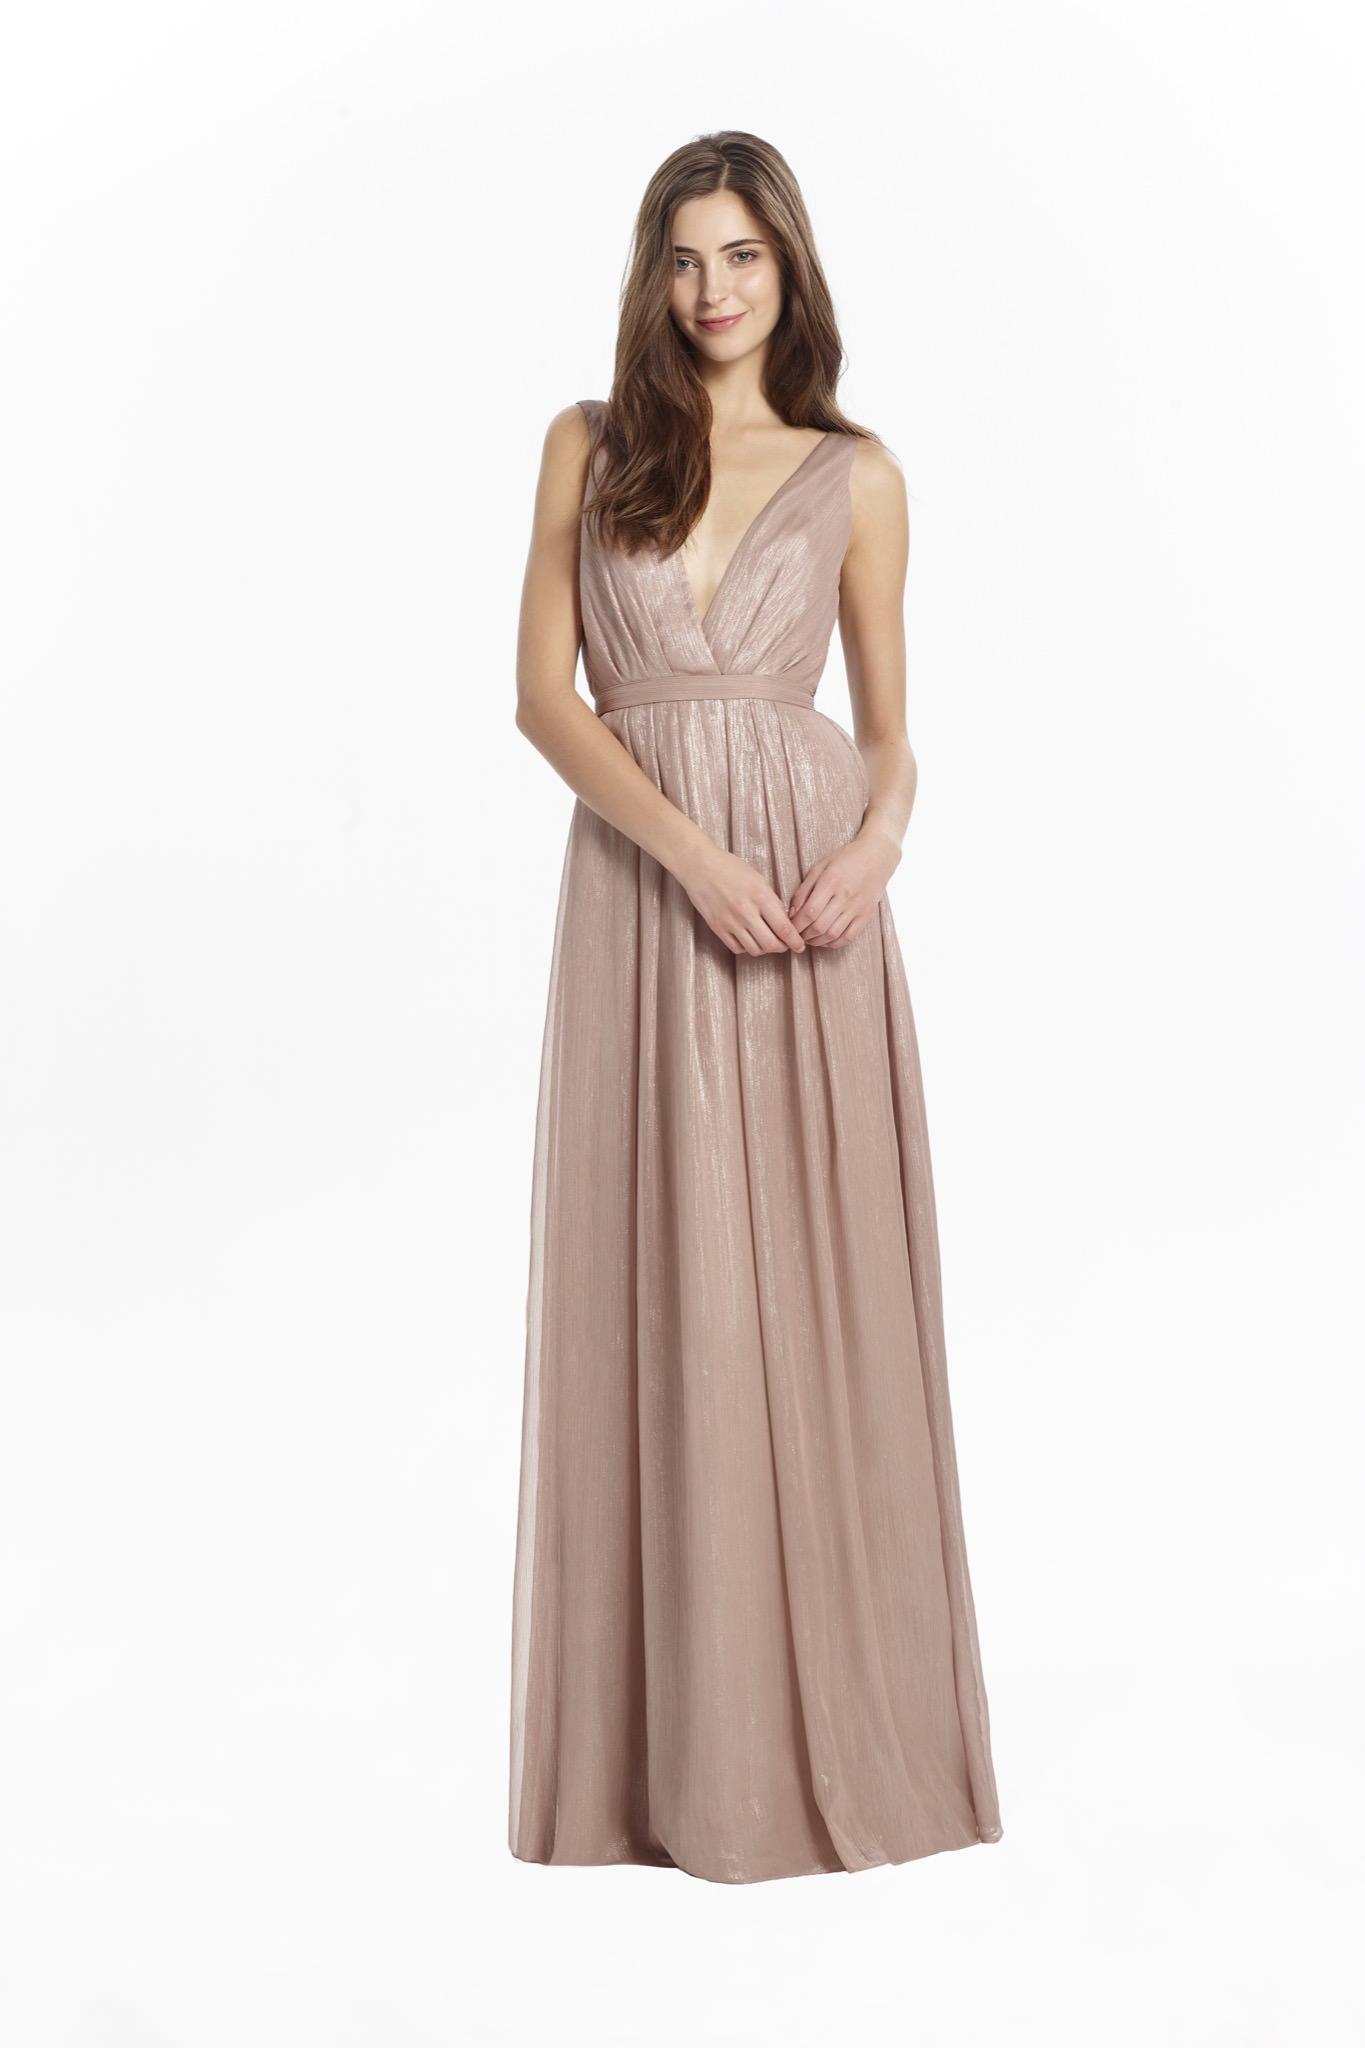 MONIQUE LHUILLIER BRIDESMAID DRESSES - Browns Bride